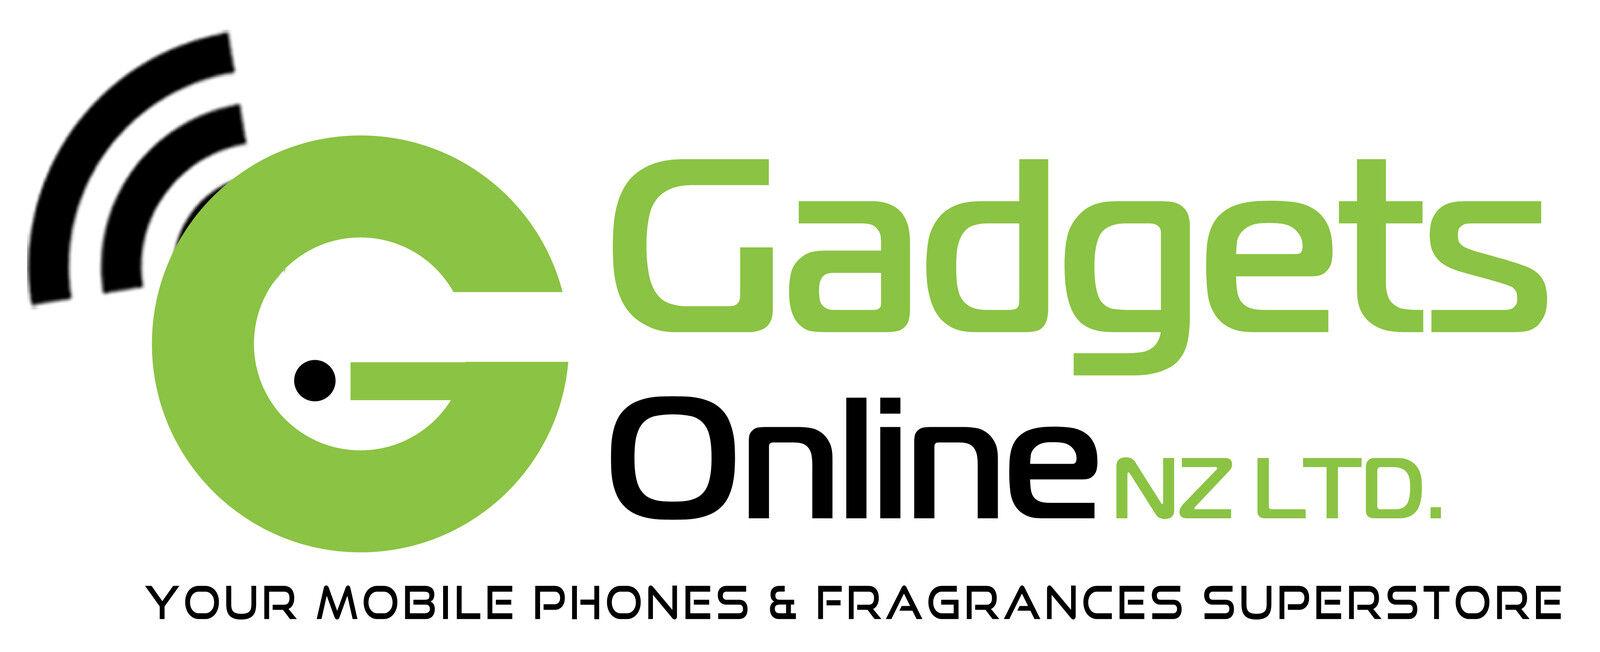 Gadgets Online NZ LTD